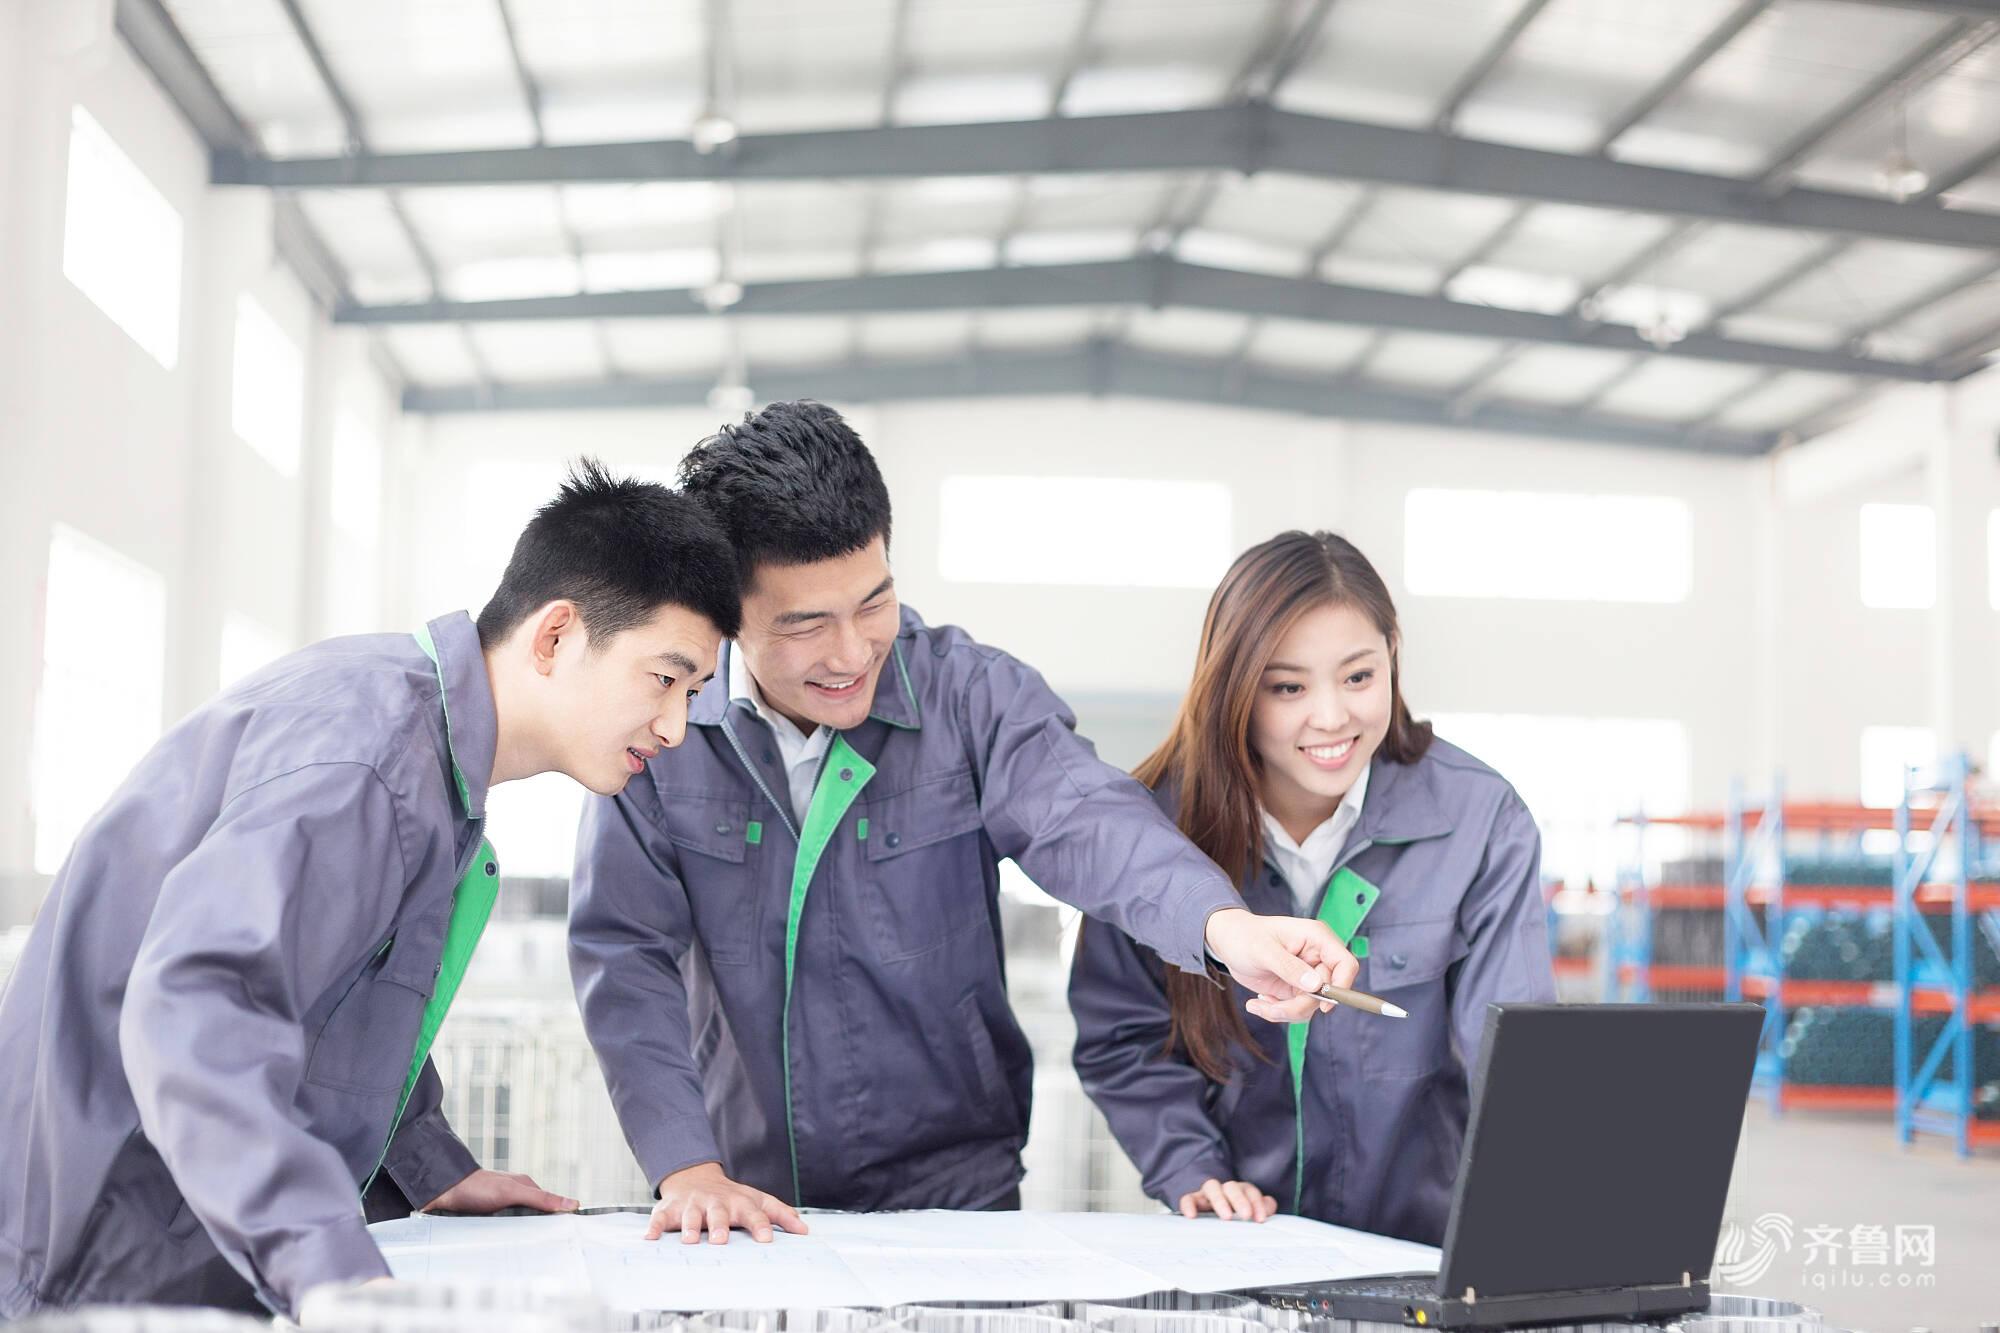 山东:建立劳动关系和谐企业联合激励机制,申请创业担保贷款可免于担保